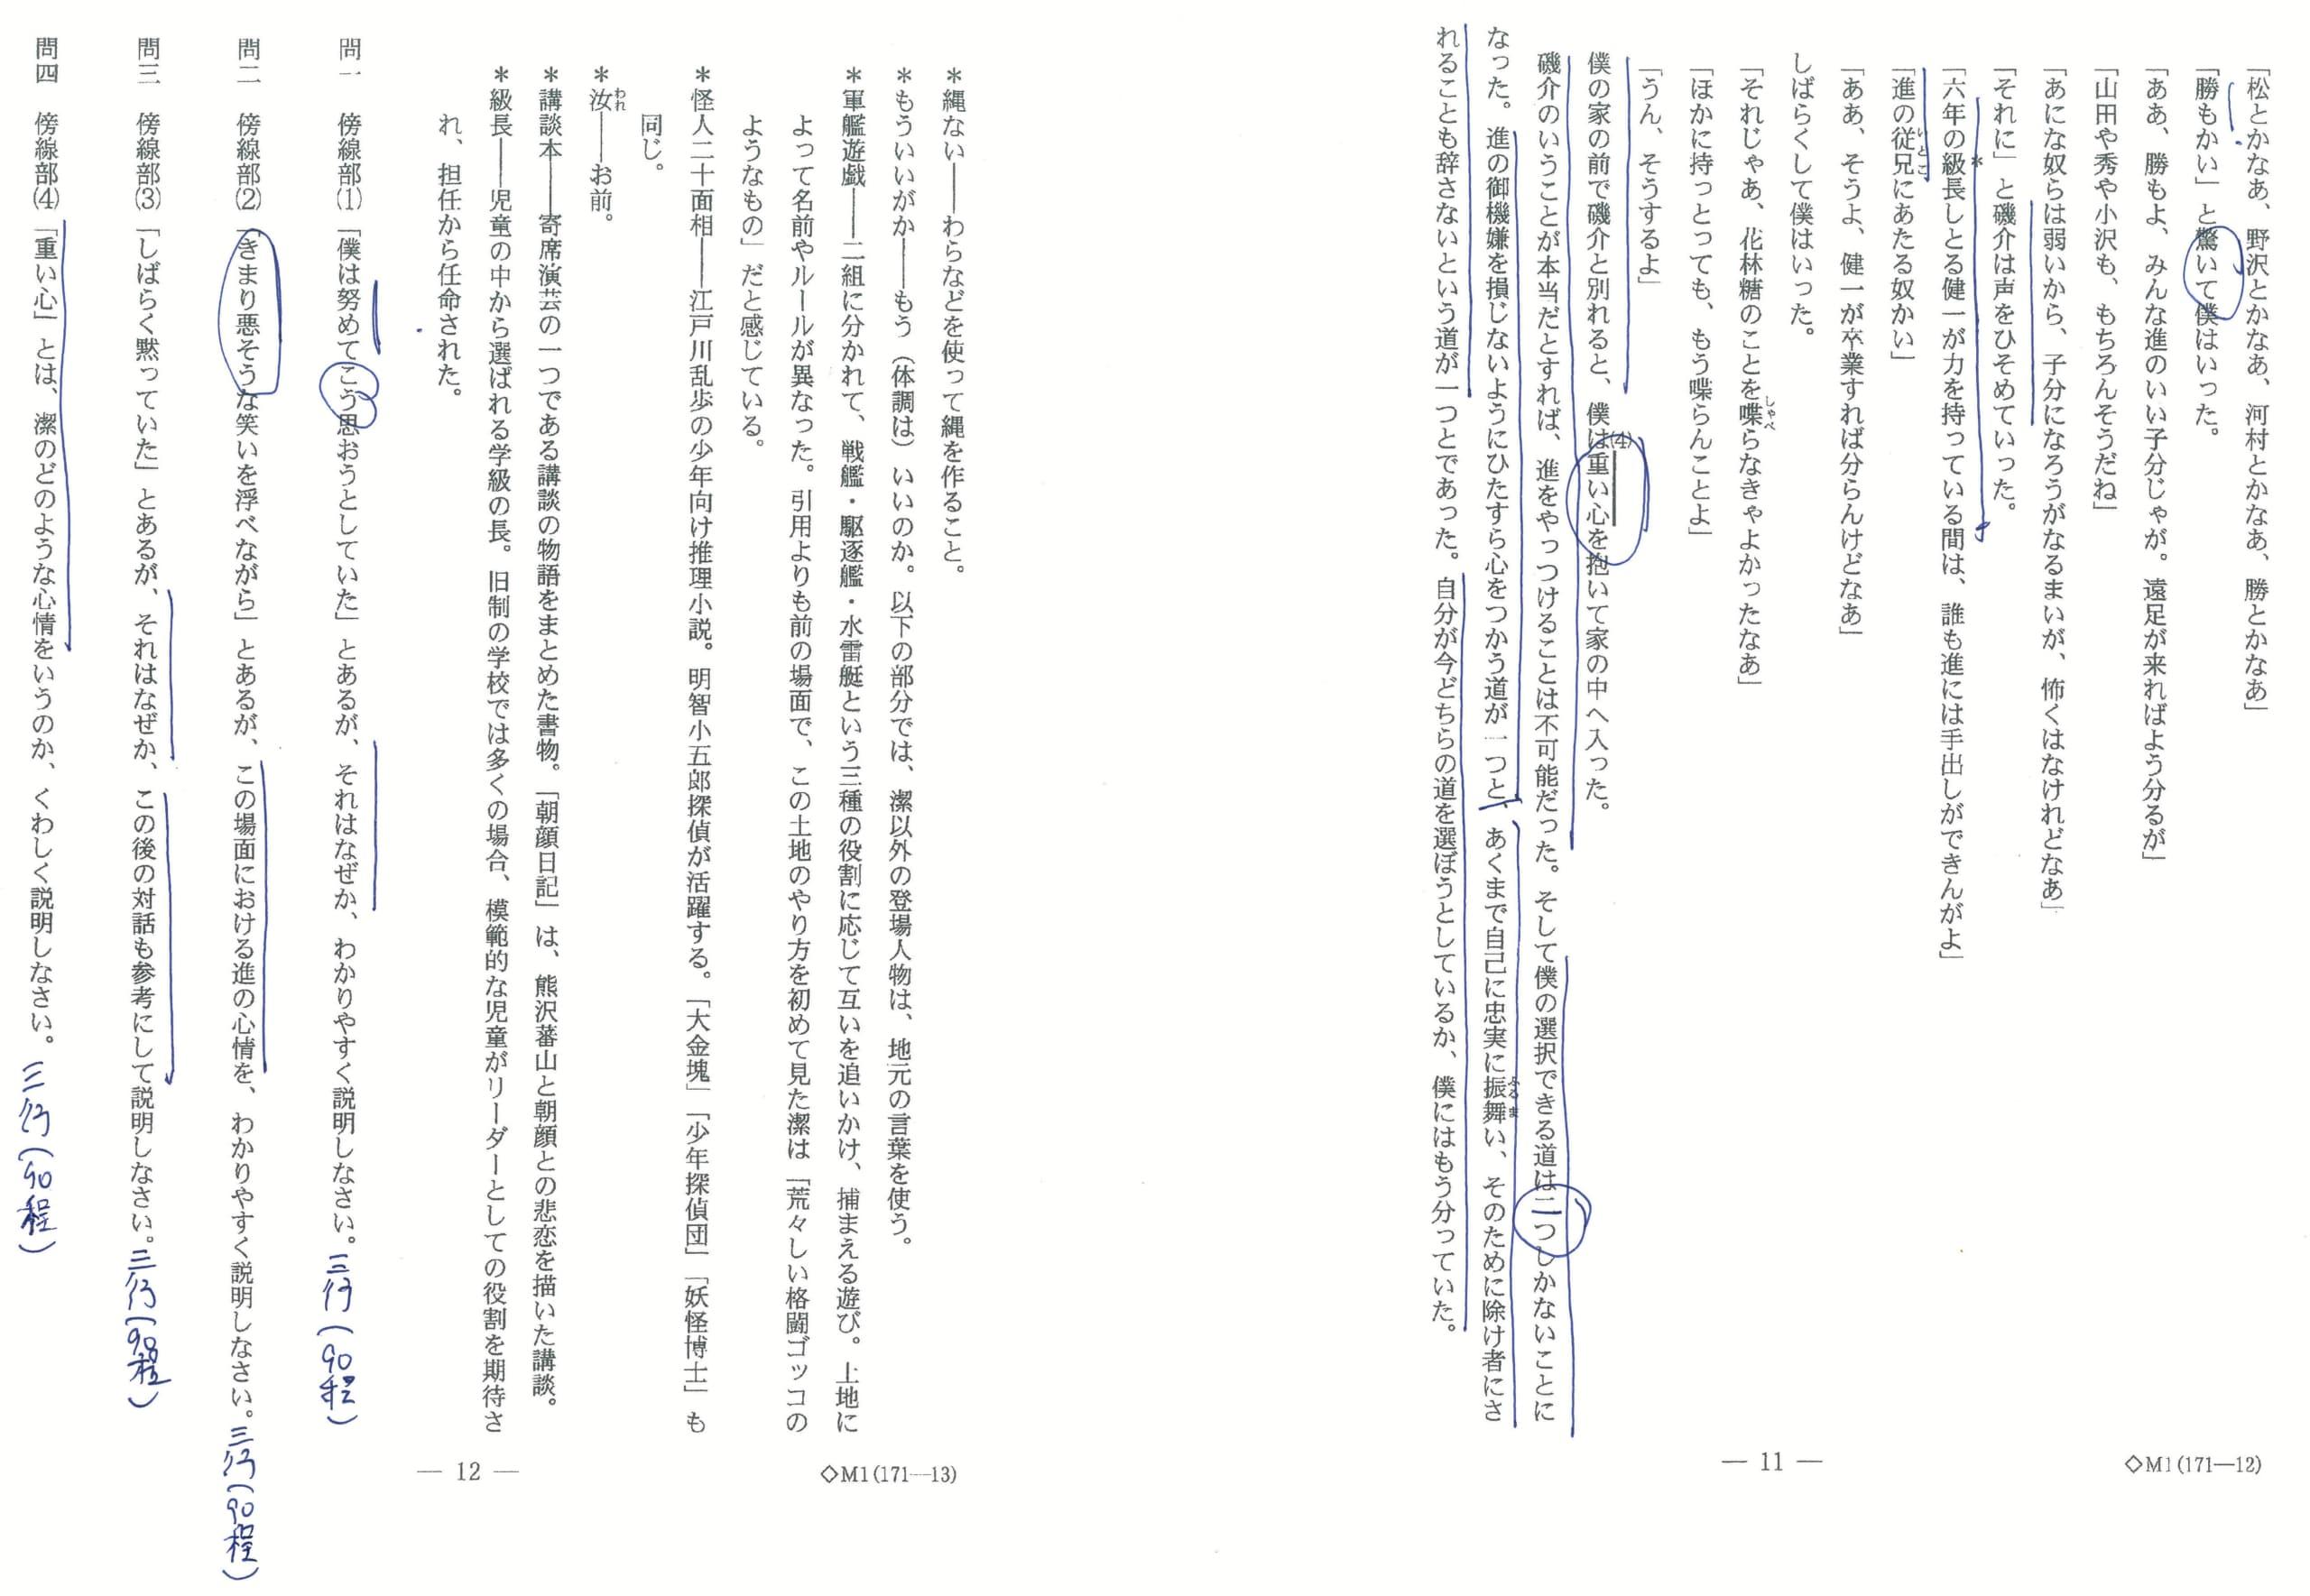 MX-M565FN_20190313_192715_004